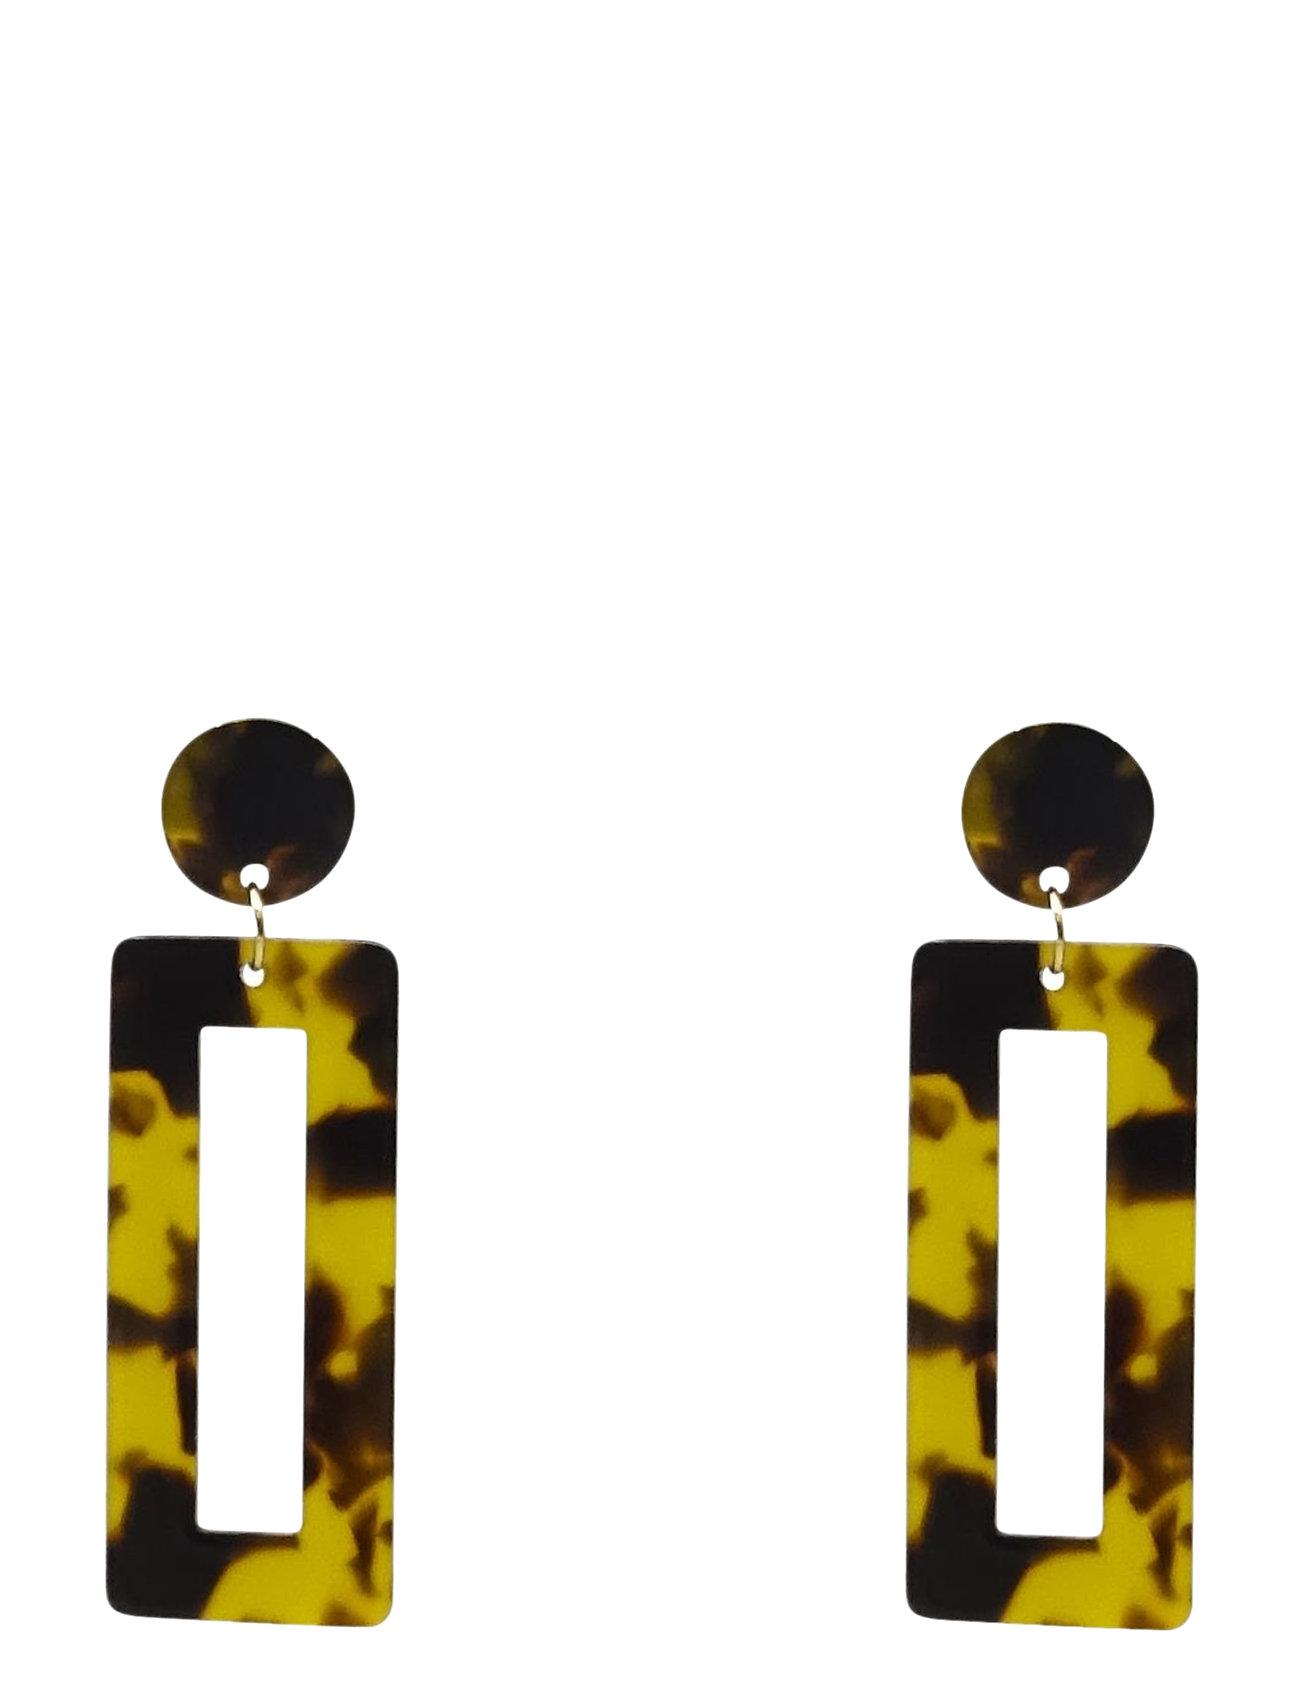 Image of Raid Ear Marble Brown Ørestickere Smykker Brun PIPOL'S BAZAAR (3486072627)